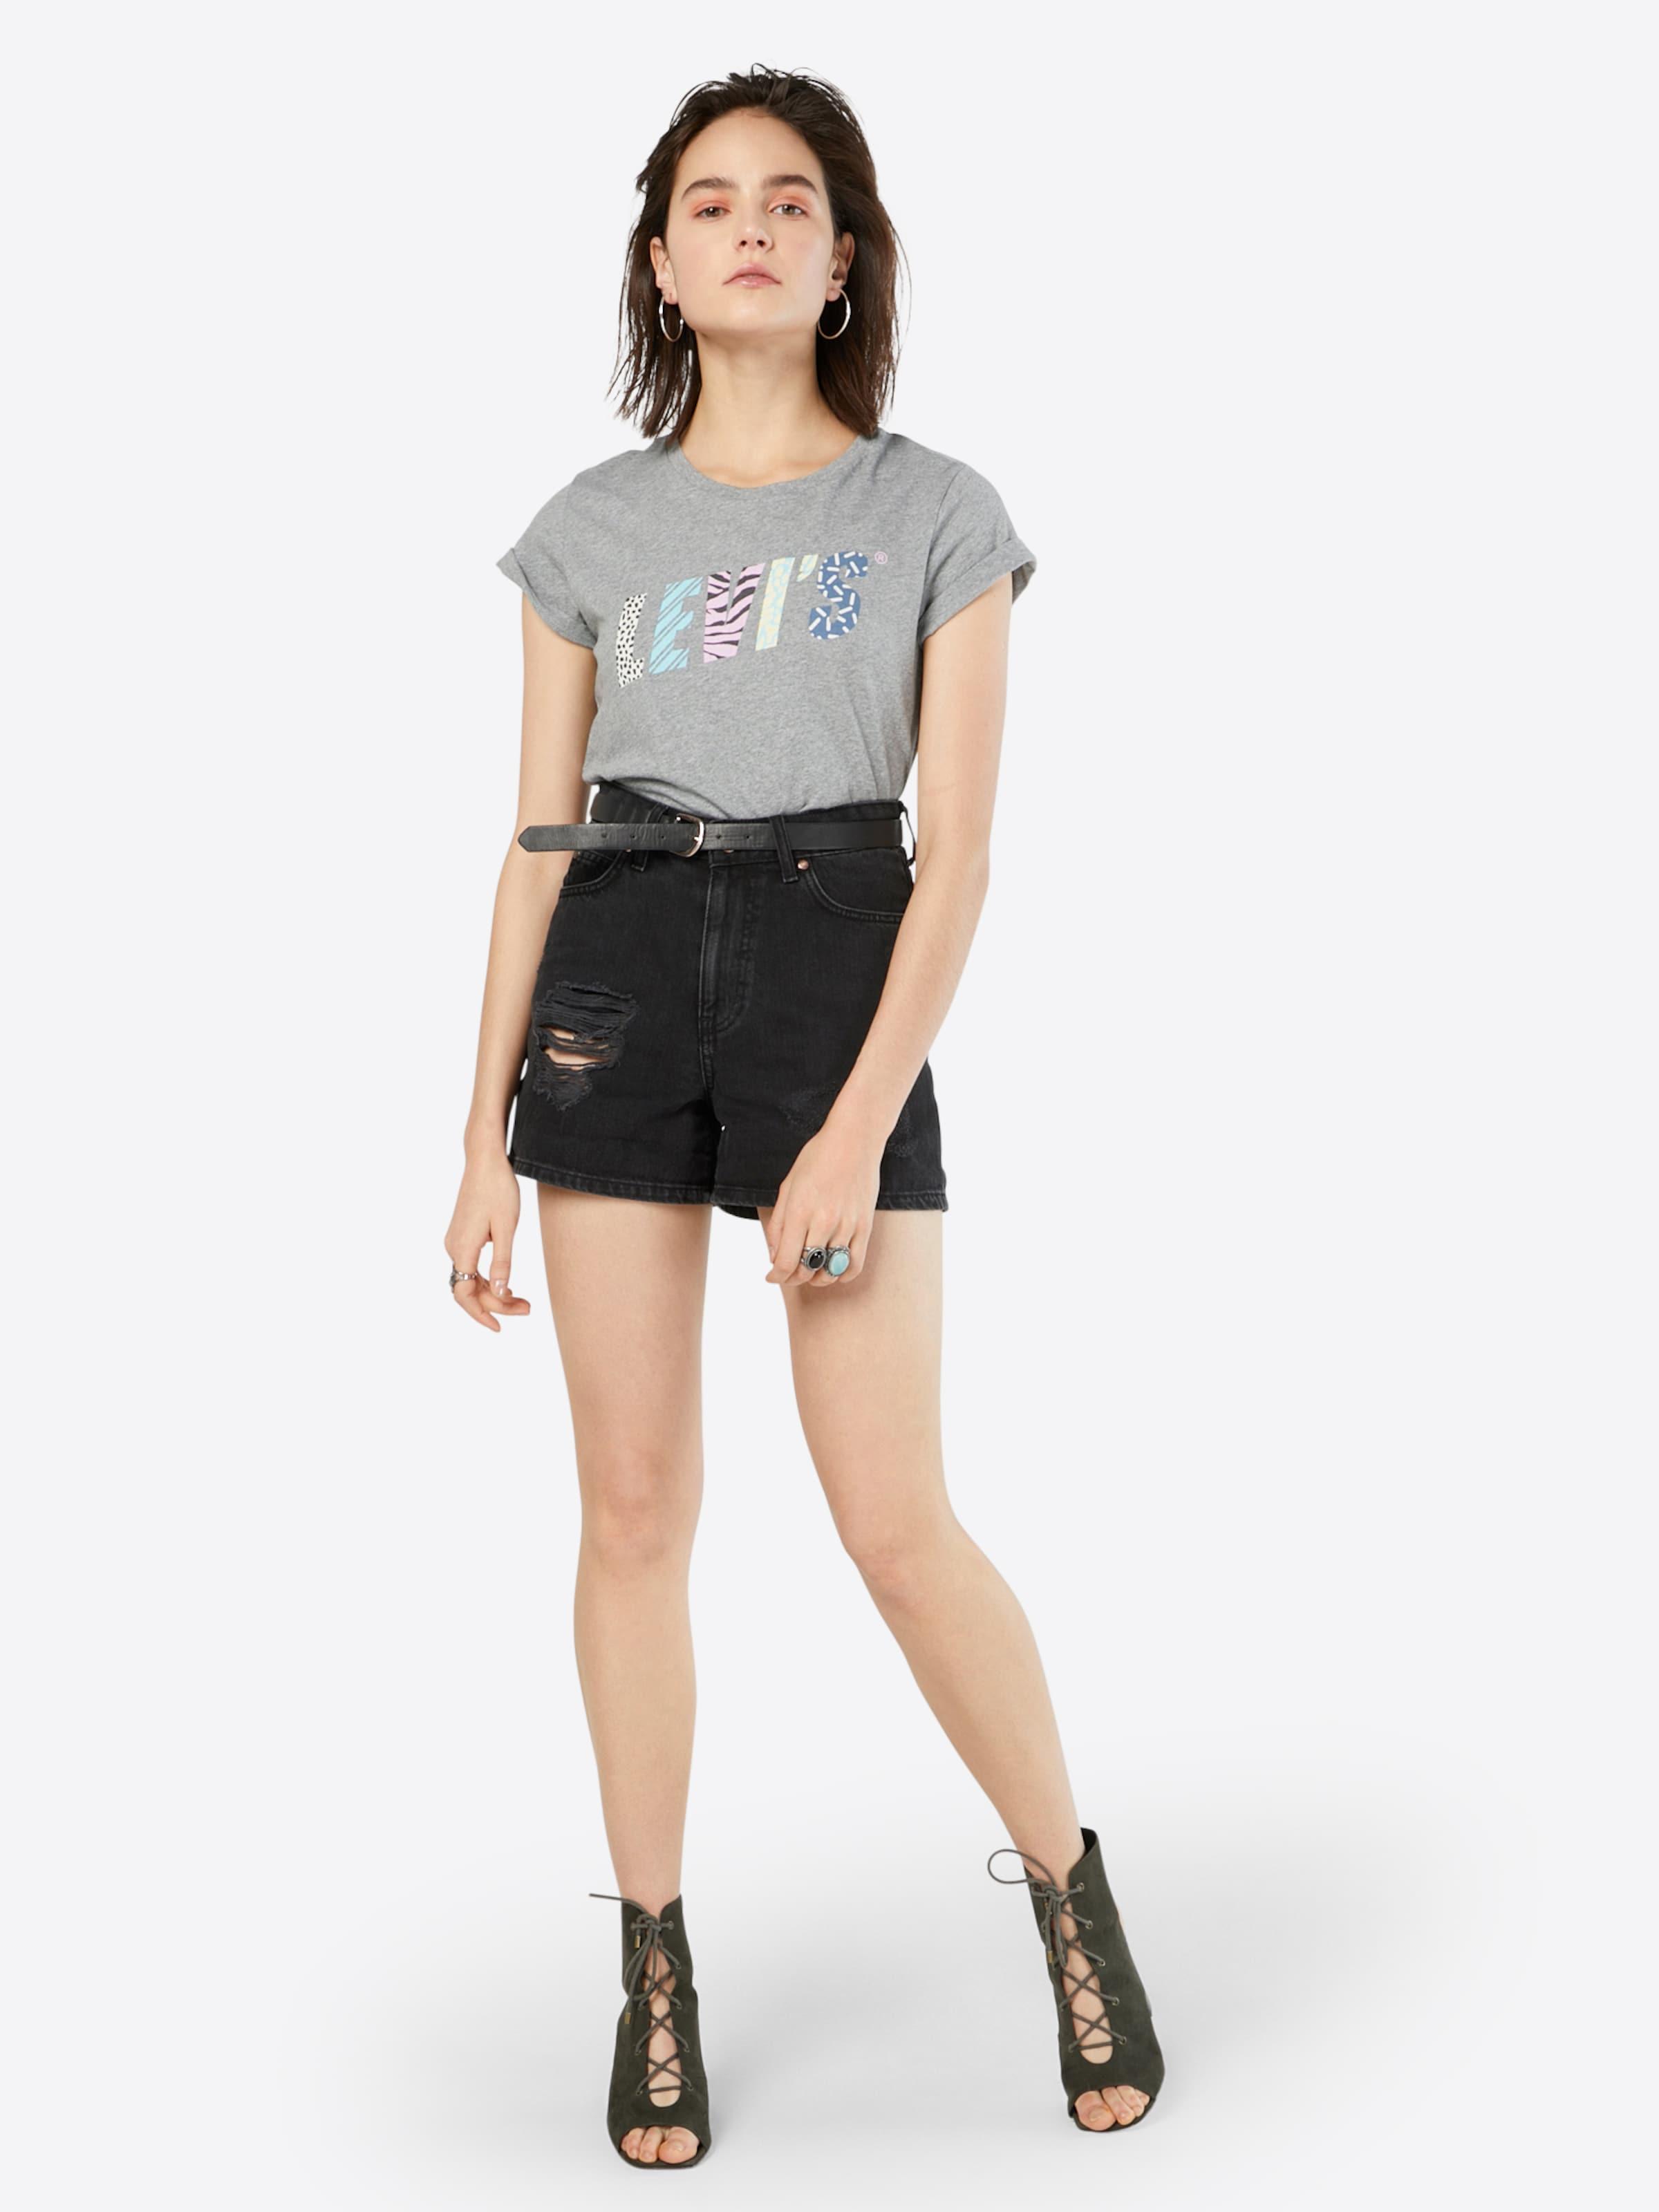 LEVI'S T-Shirt 'THE PERFECT' Preiswerte Art Und Stil Bester Ort Zu Kaufen Steckdose Am Besten Shop-Angebot Online Rabatt-Spielraum FDMeL1jZt